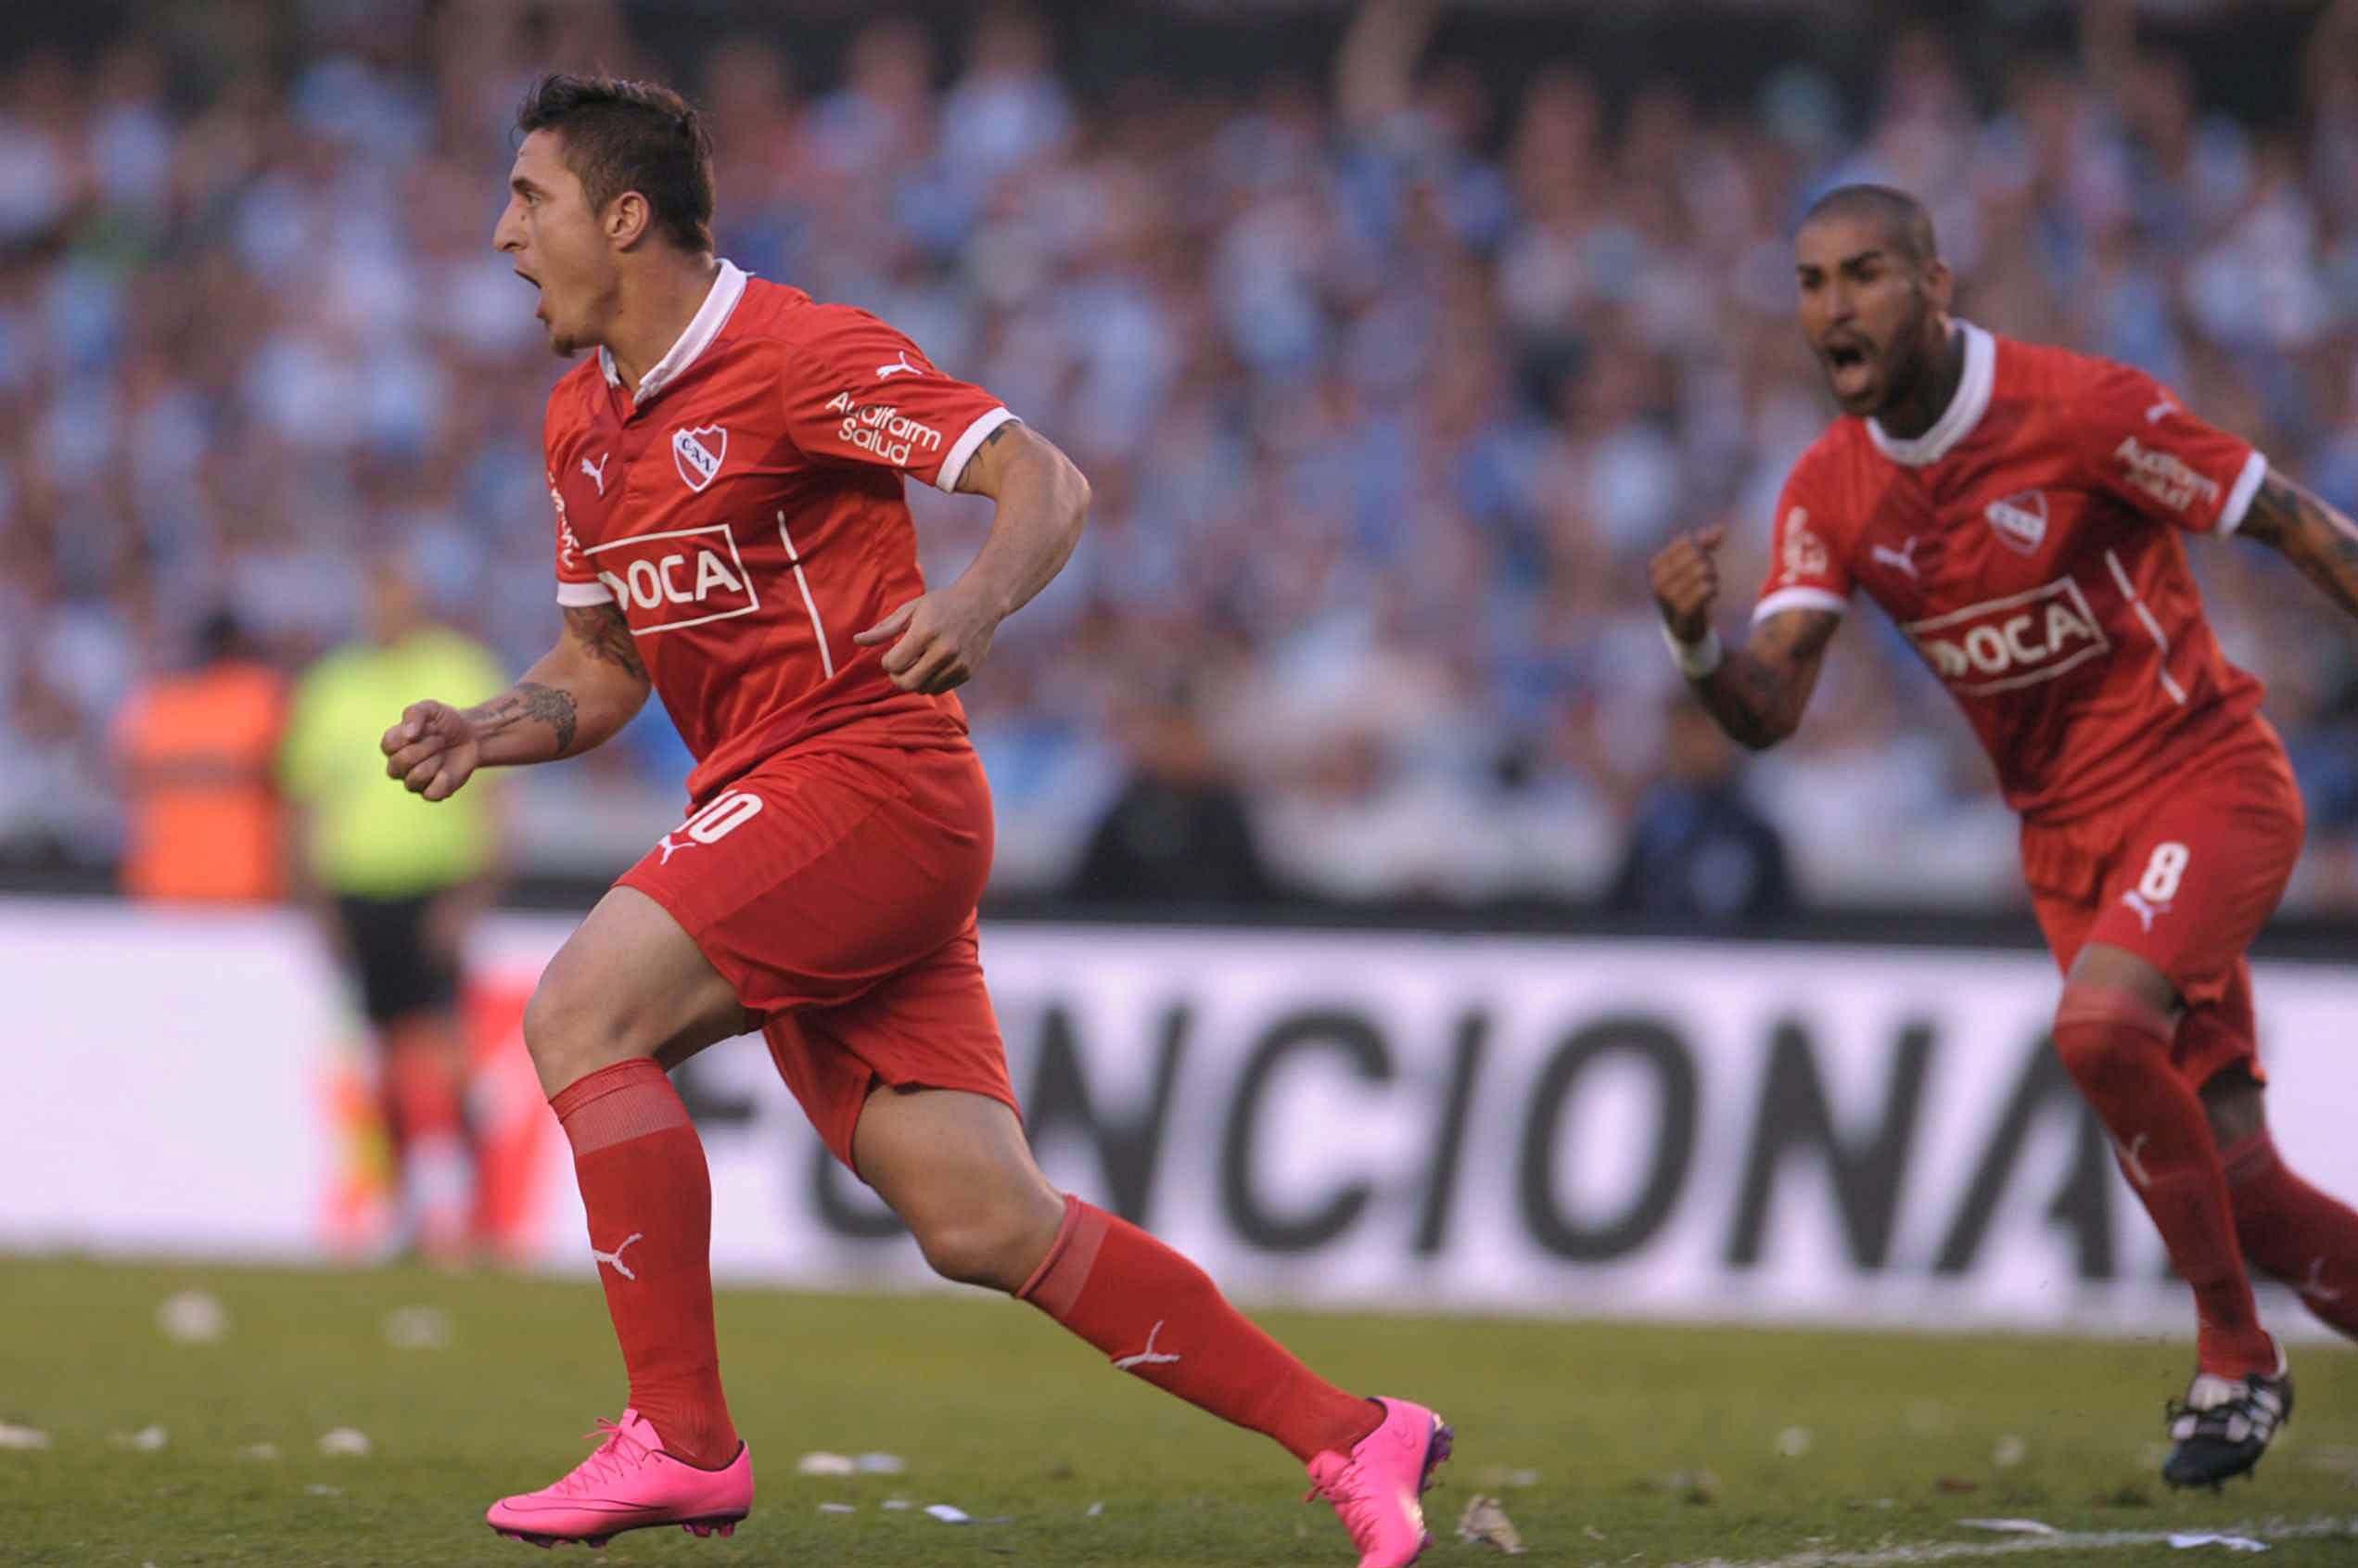 Mirá los goles del clásico de Avellaneda en el Cilindro